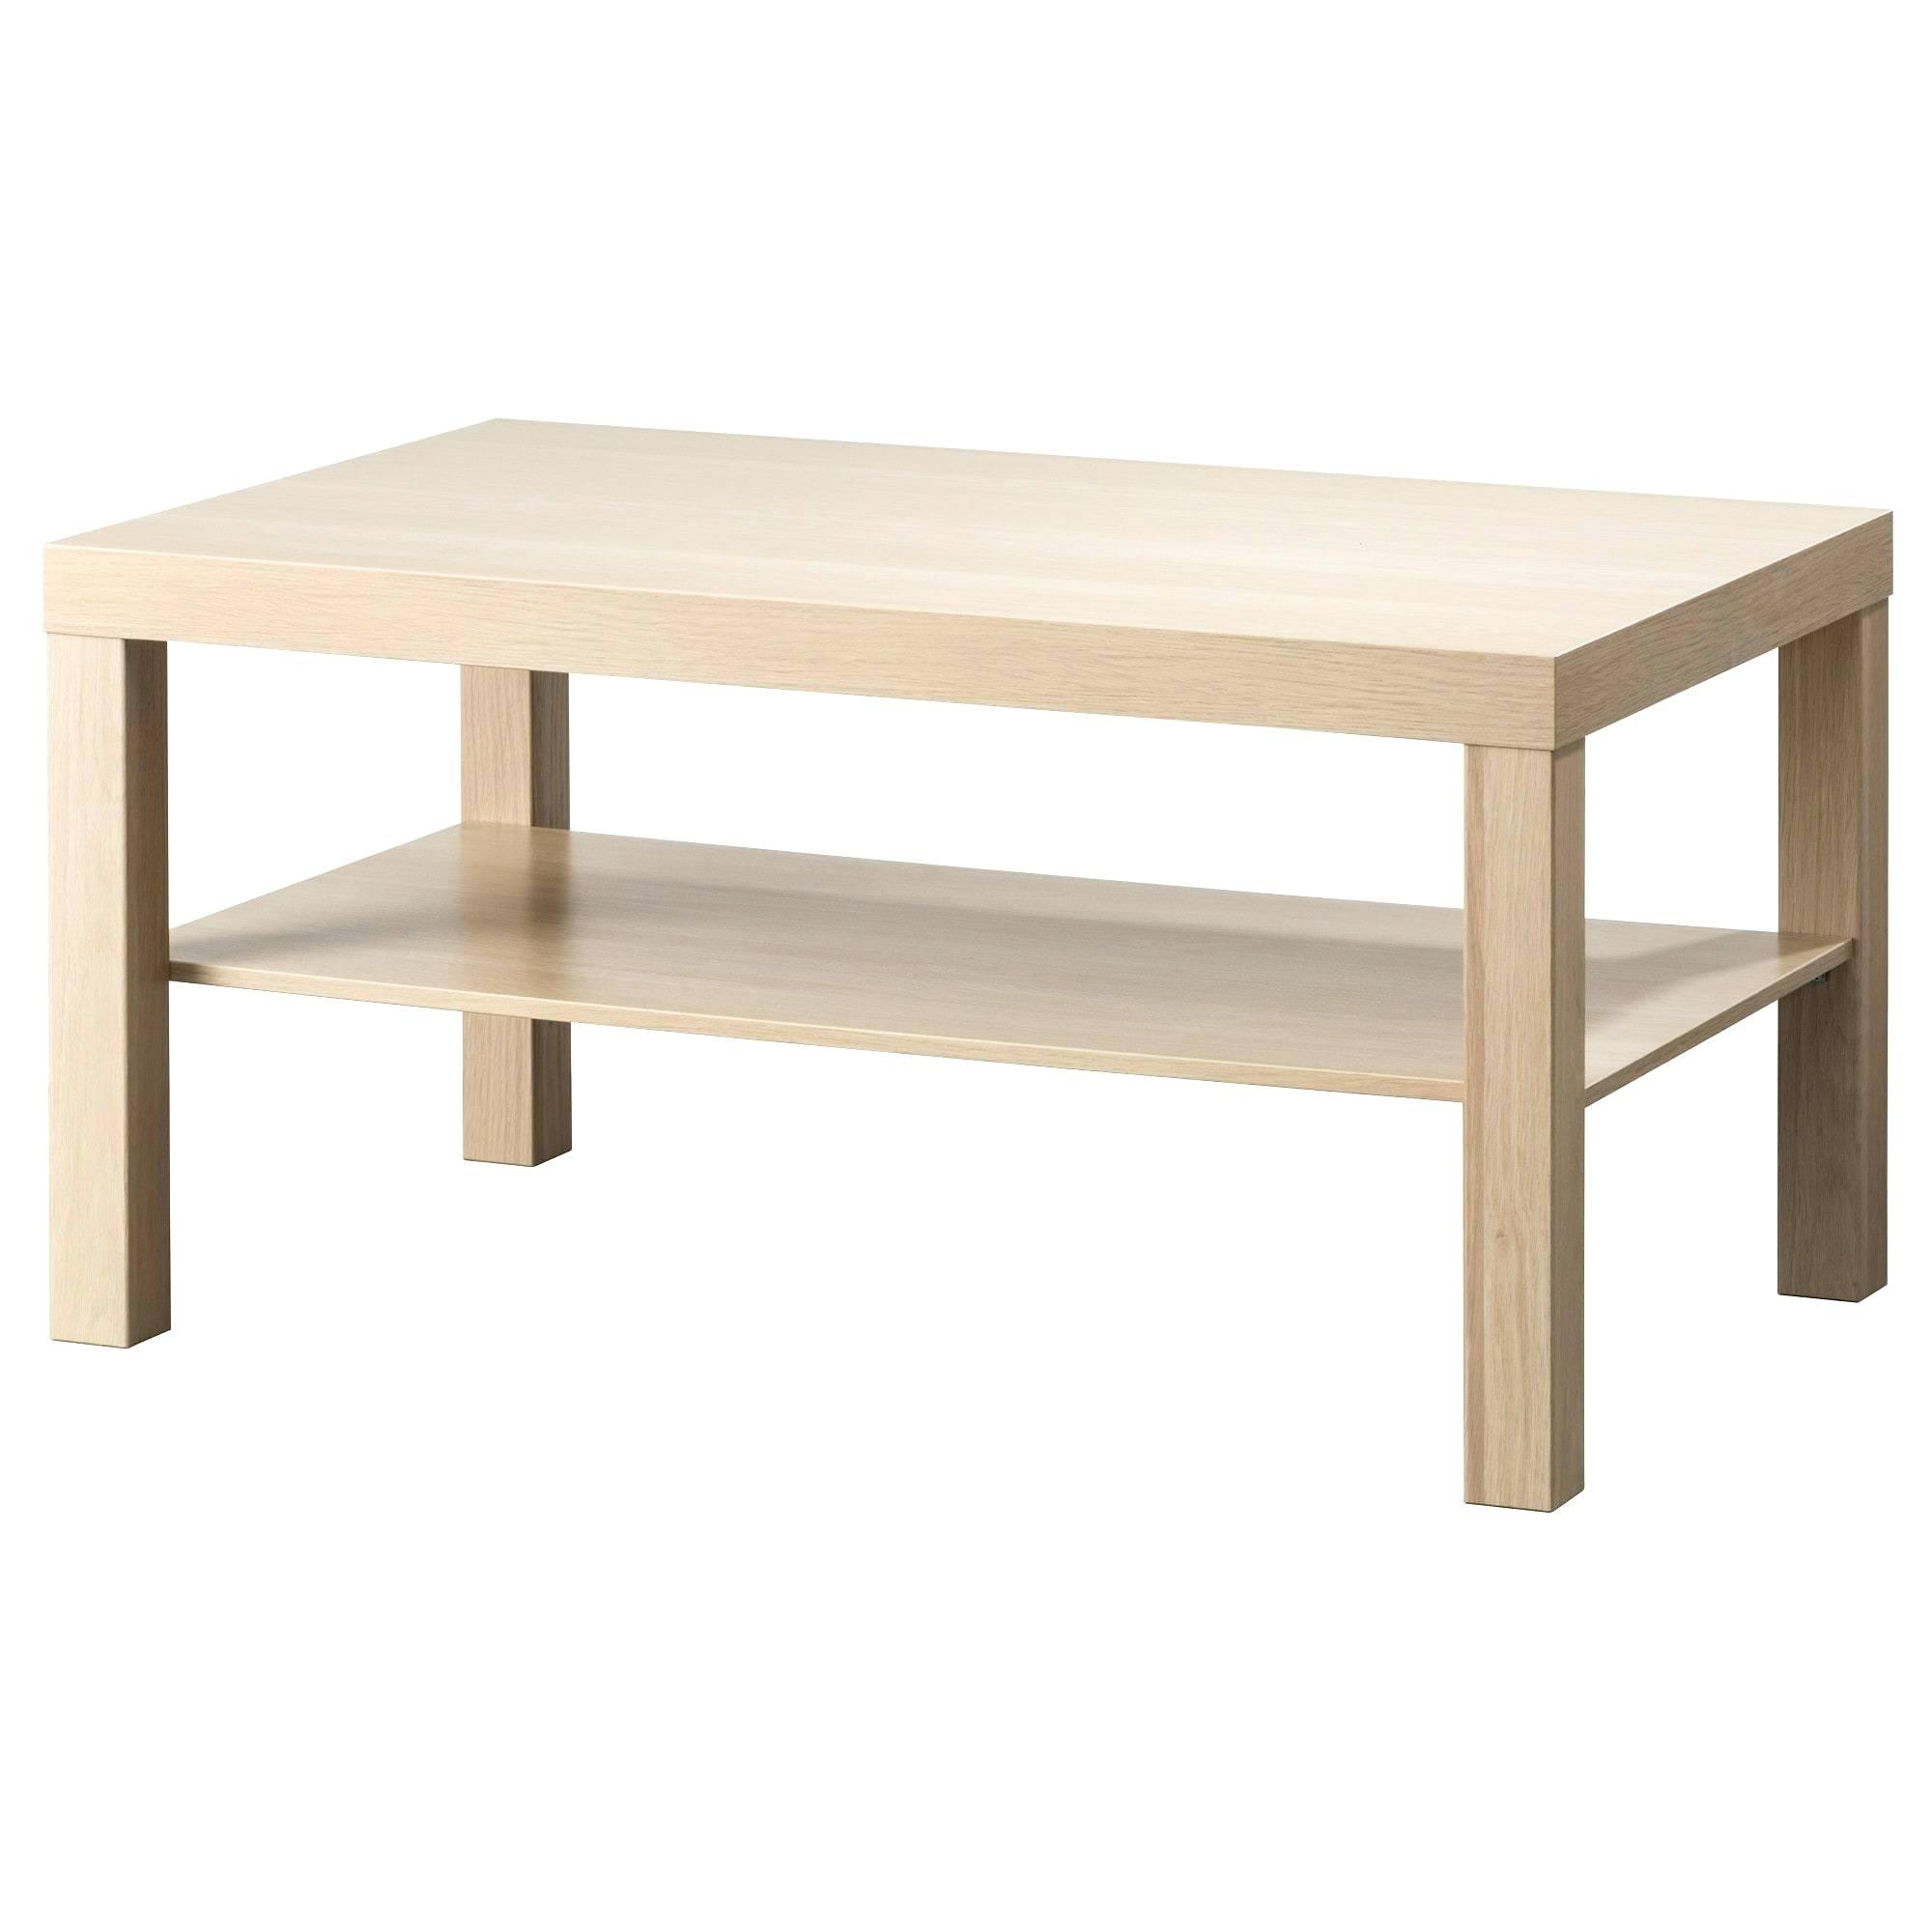 Full Size of Ikea Küche Kosten Sofa Mit Schlaffunktion Modulküche Betten 160x200 Bei Kaufen Miniküche Wohnzimmer Gartentisch Ikea